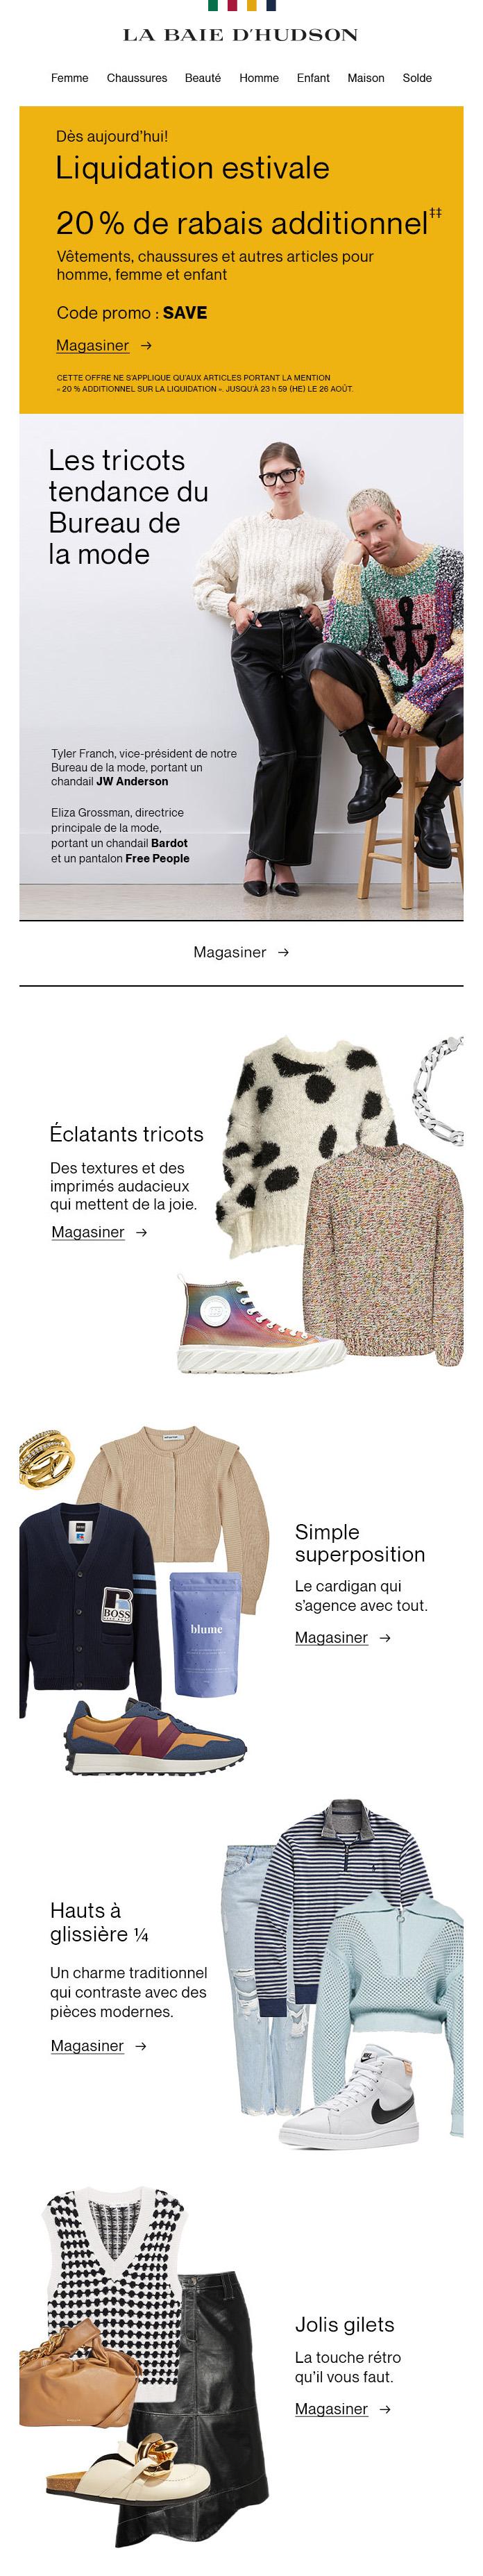 Le Guide Des Tricots Du Bureau De La Mode